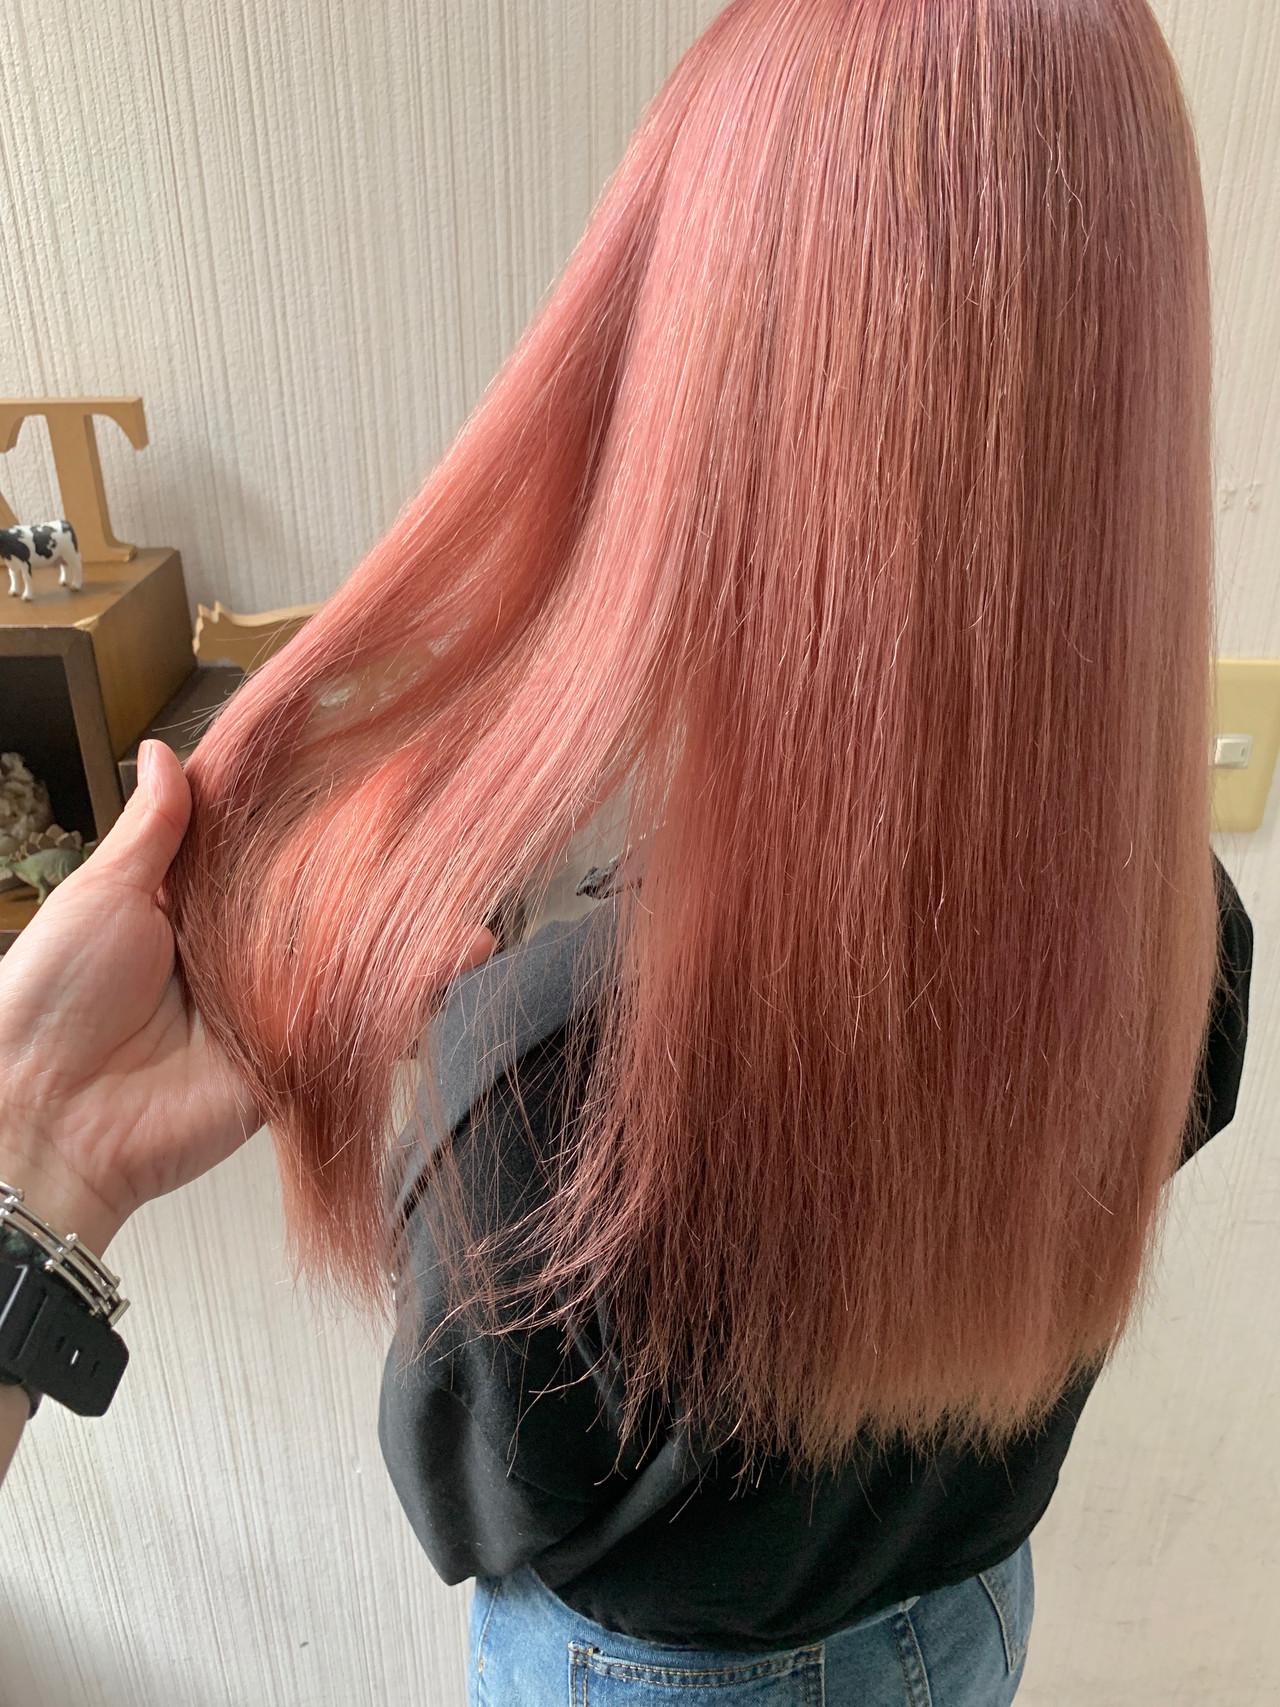 セミロング アンニュイほつれヘア 大人可愛い 大人かわいい ヘアスタイルや髪型の写真・画像 | 土屋一貴 / TOMCAT